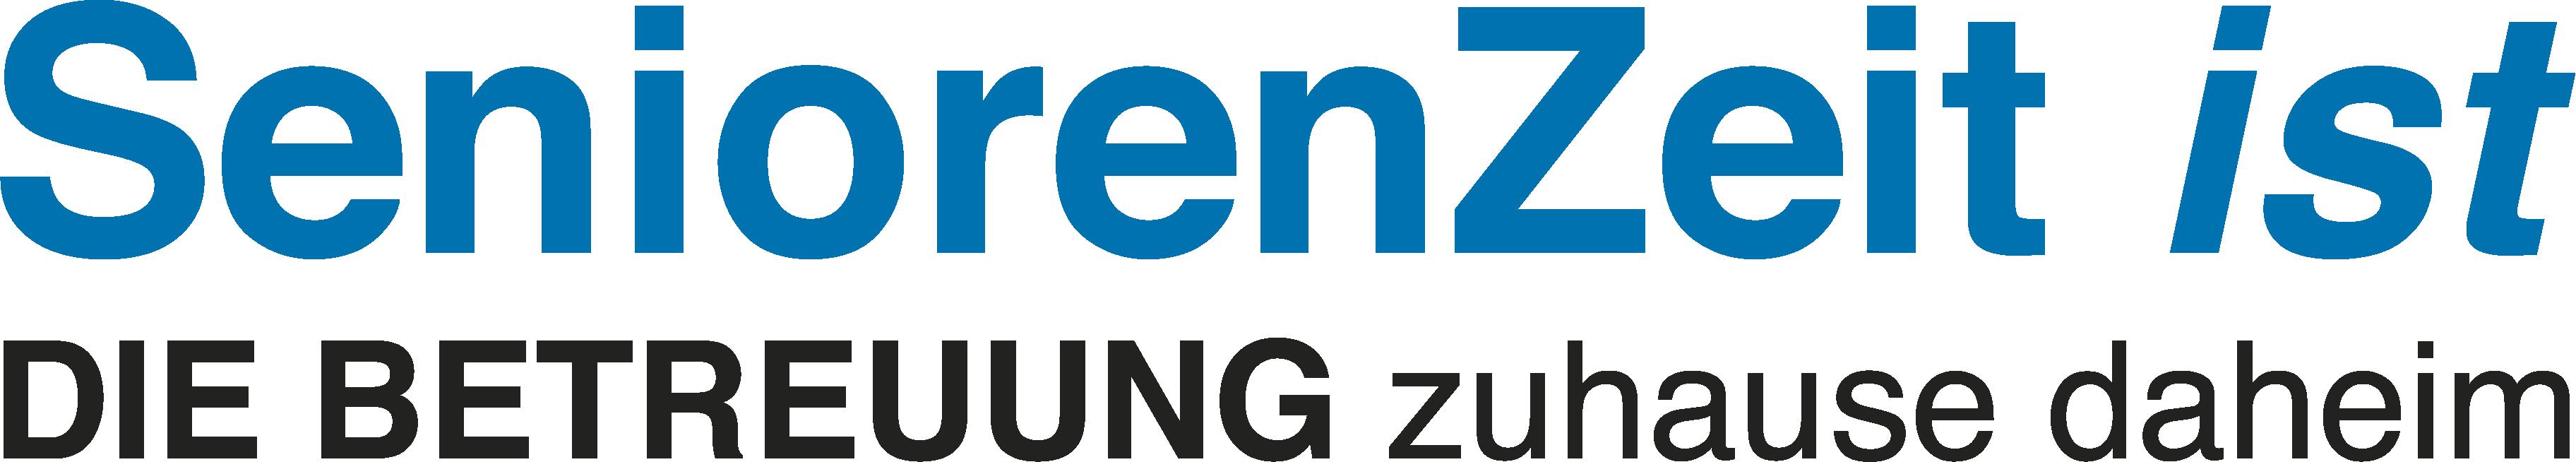 SeniorenZeit ist GmbH Logo